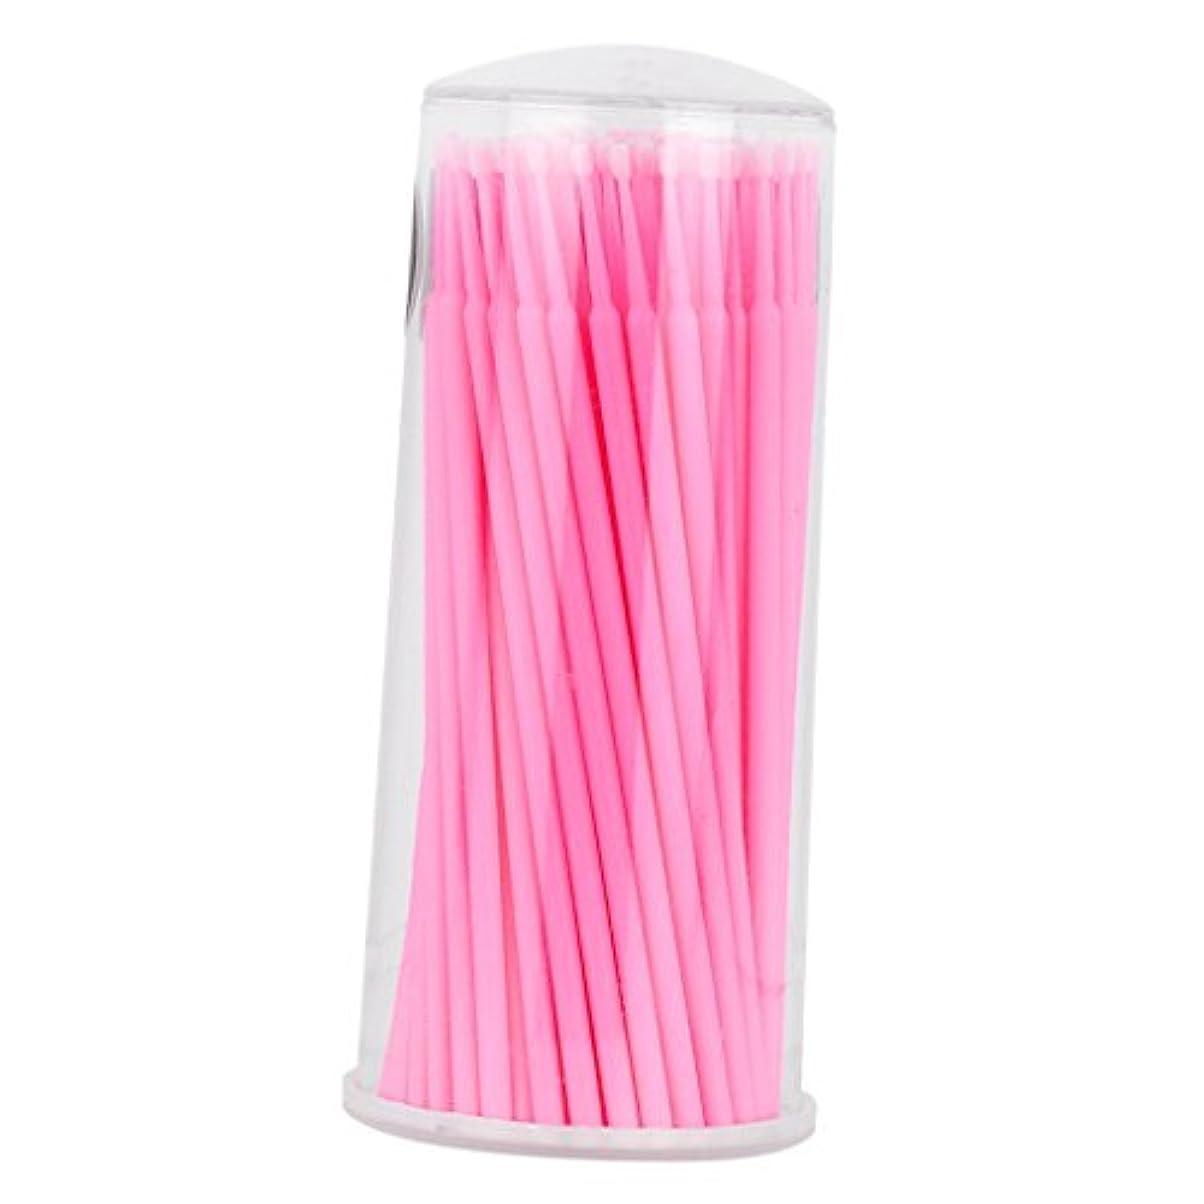 Baosity まつげ 約100個入り マイクロブラシ 化粧道具 使い捨て アプリケータ 全2色選べ  - ピンク